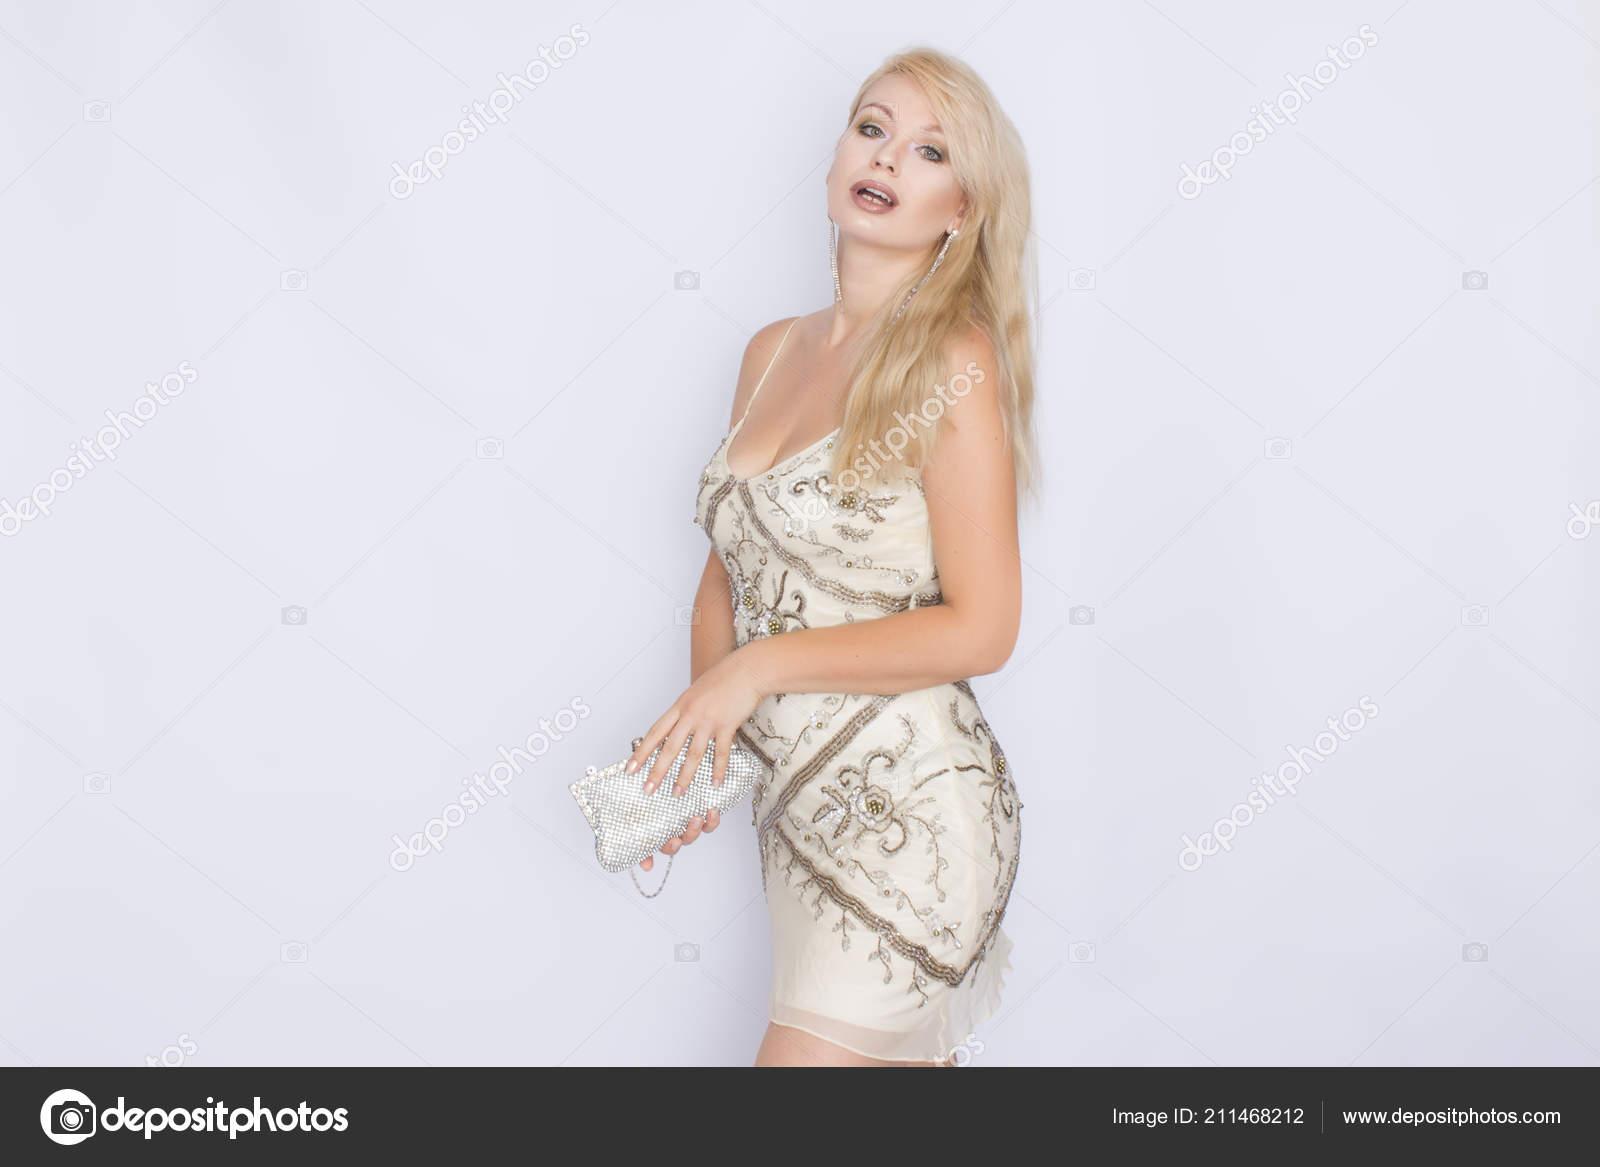 Retrato Moda Glamour Hermosa Mujer Elegante Vestido Beige